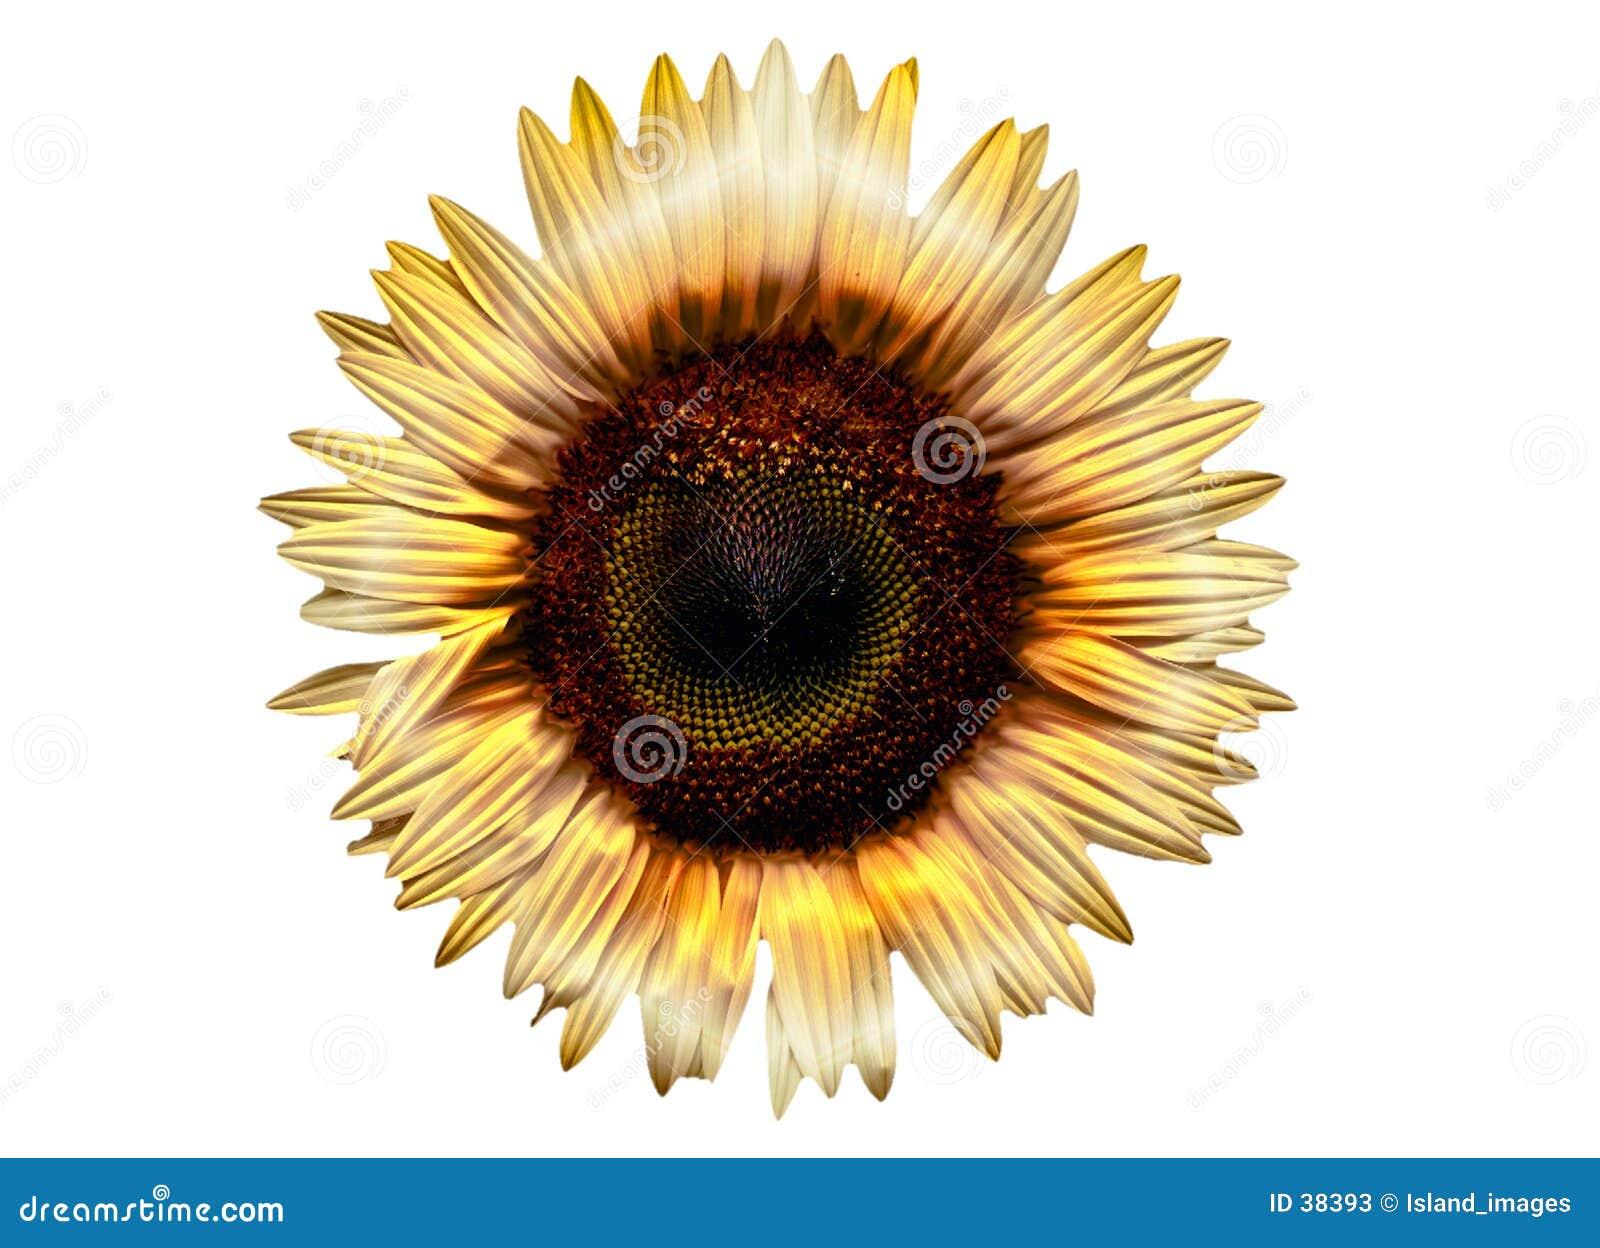 Słonecznik elektryczne